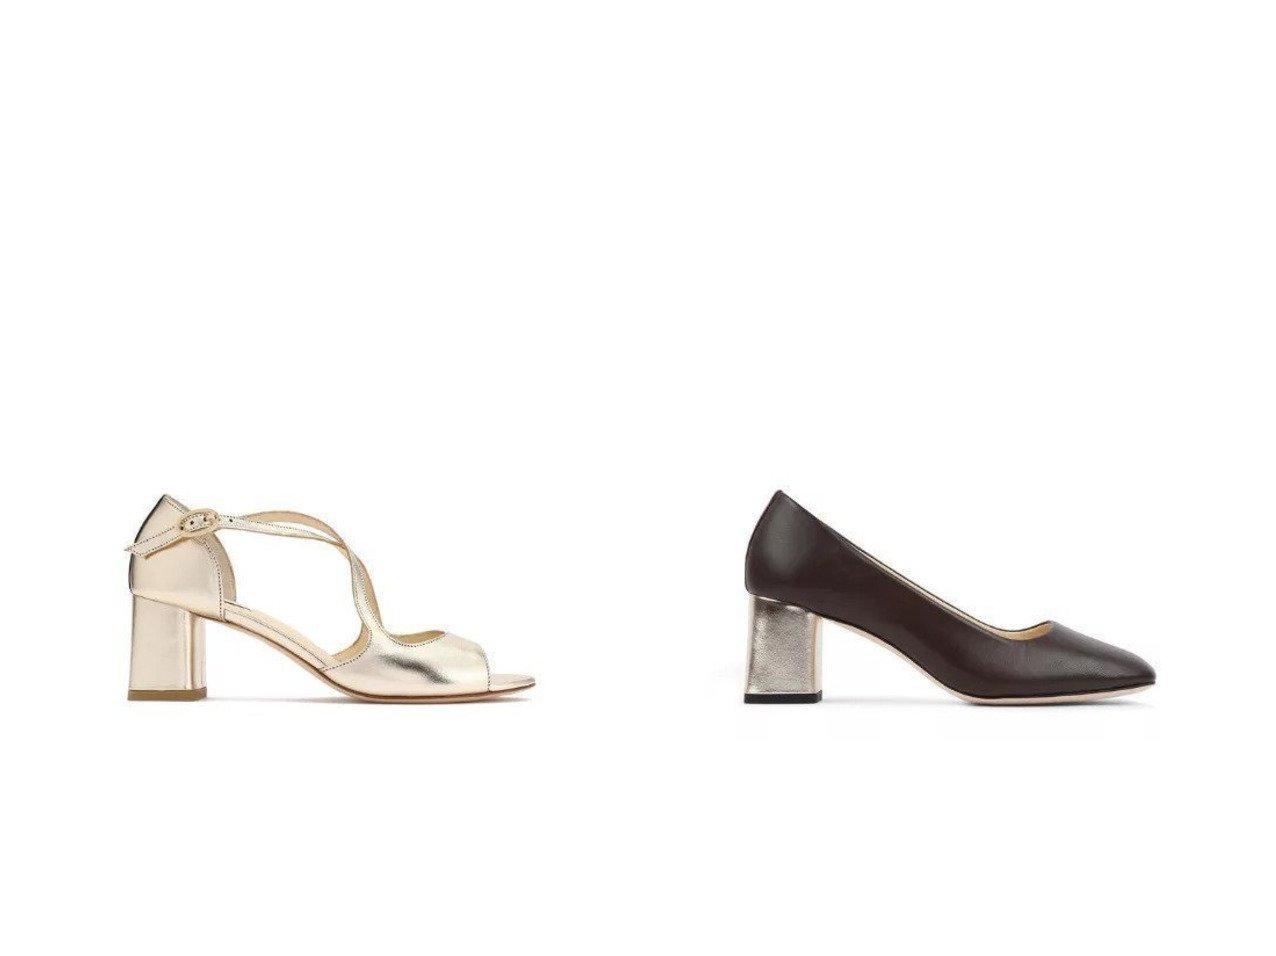 【repetto/レペット】のMarlow Pumps&Nada Sandals repettoのおすすめ!人気、トレンド・レディースファッションの通販 おすすめで人気の流行・トレンド、ファッションの通販商品 メンズファッション・キッズファッション・インテリア・家具・レディースファッション・服の通販 founy(ファニー) https://founy.com/ ファッション Fashion レディースファッション WOMEN オープントゥ サンダル シューズ バランス ブロック ラップ リュクス エレガント トレンド メタリック |ID:crp329100000019116